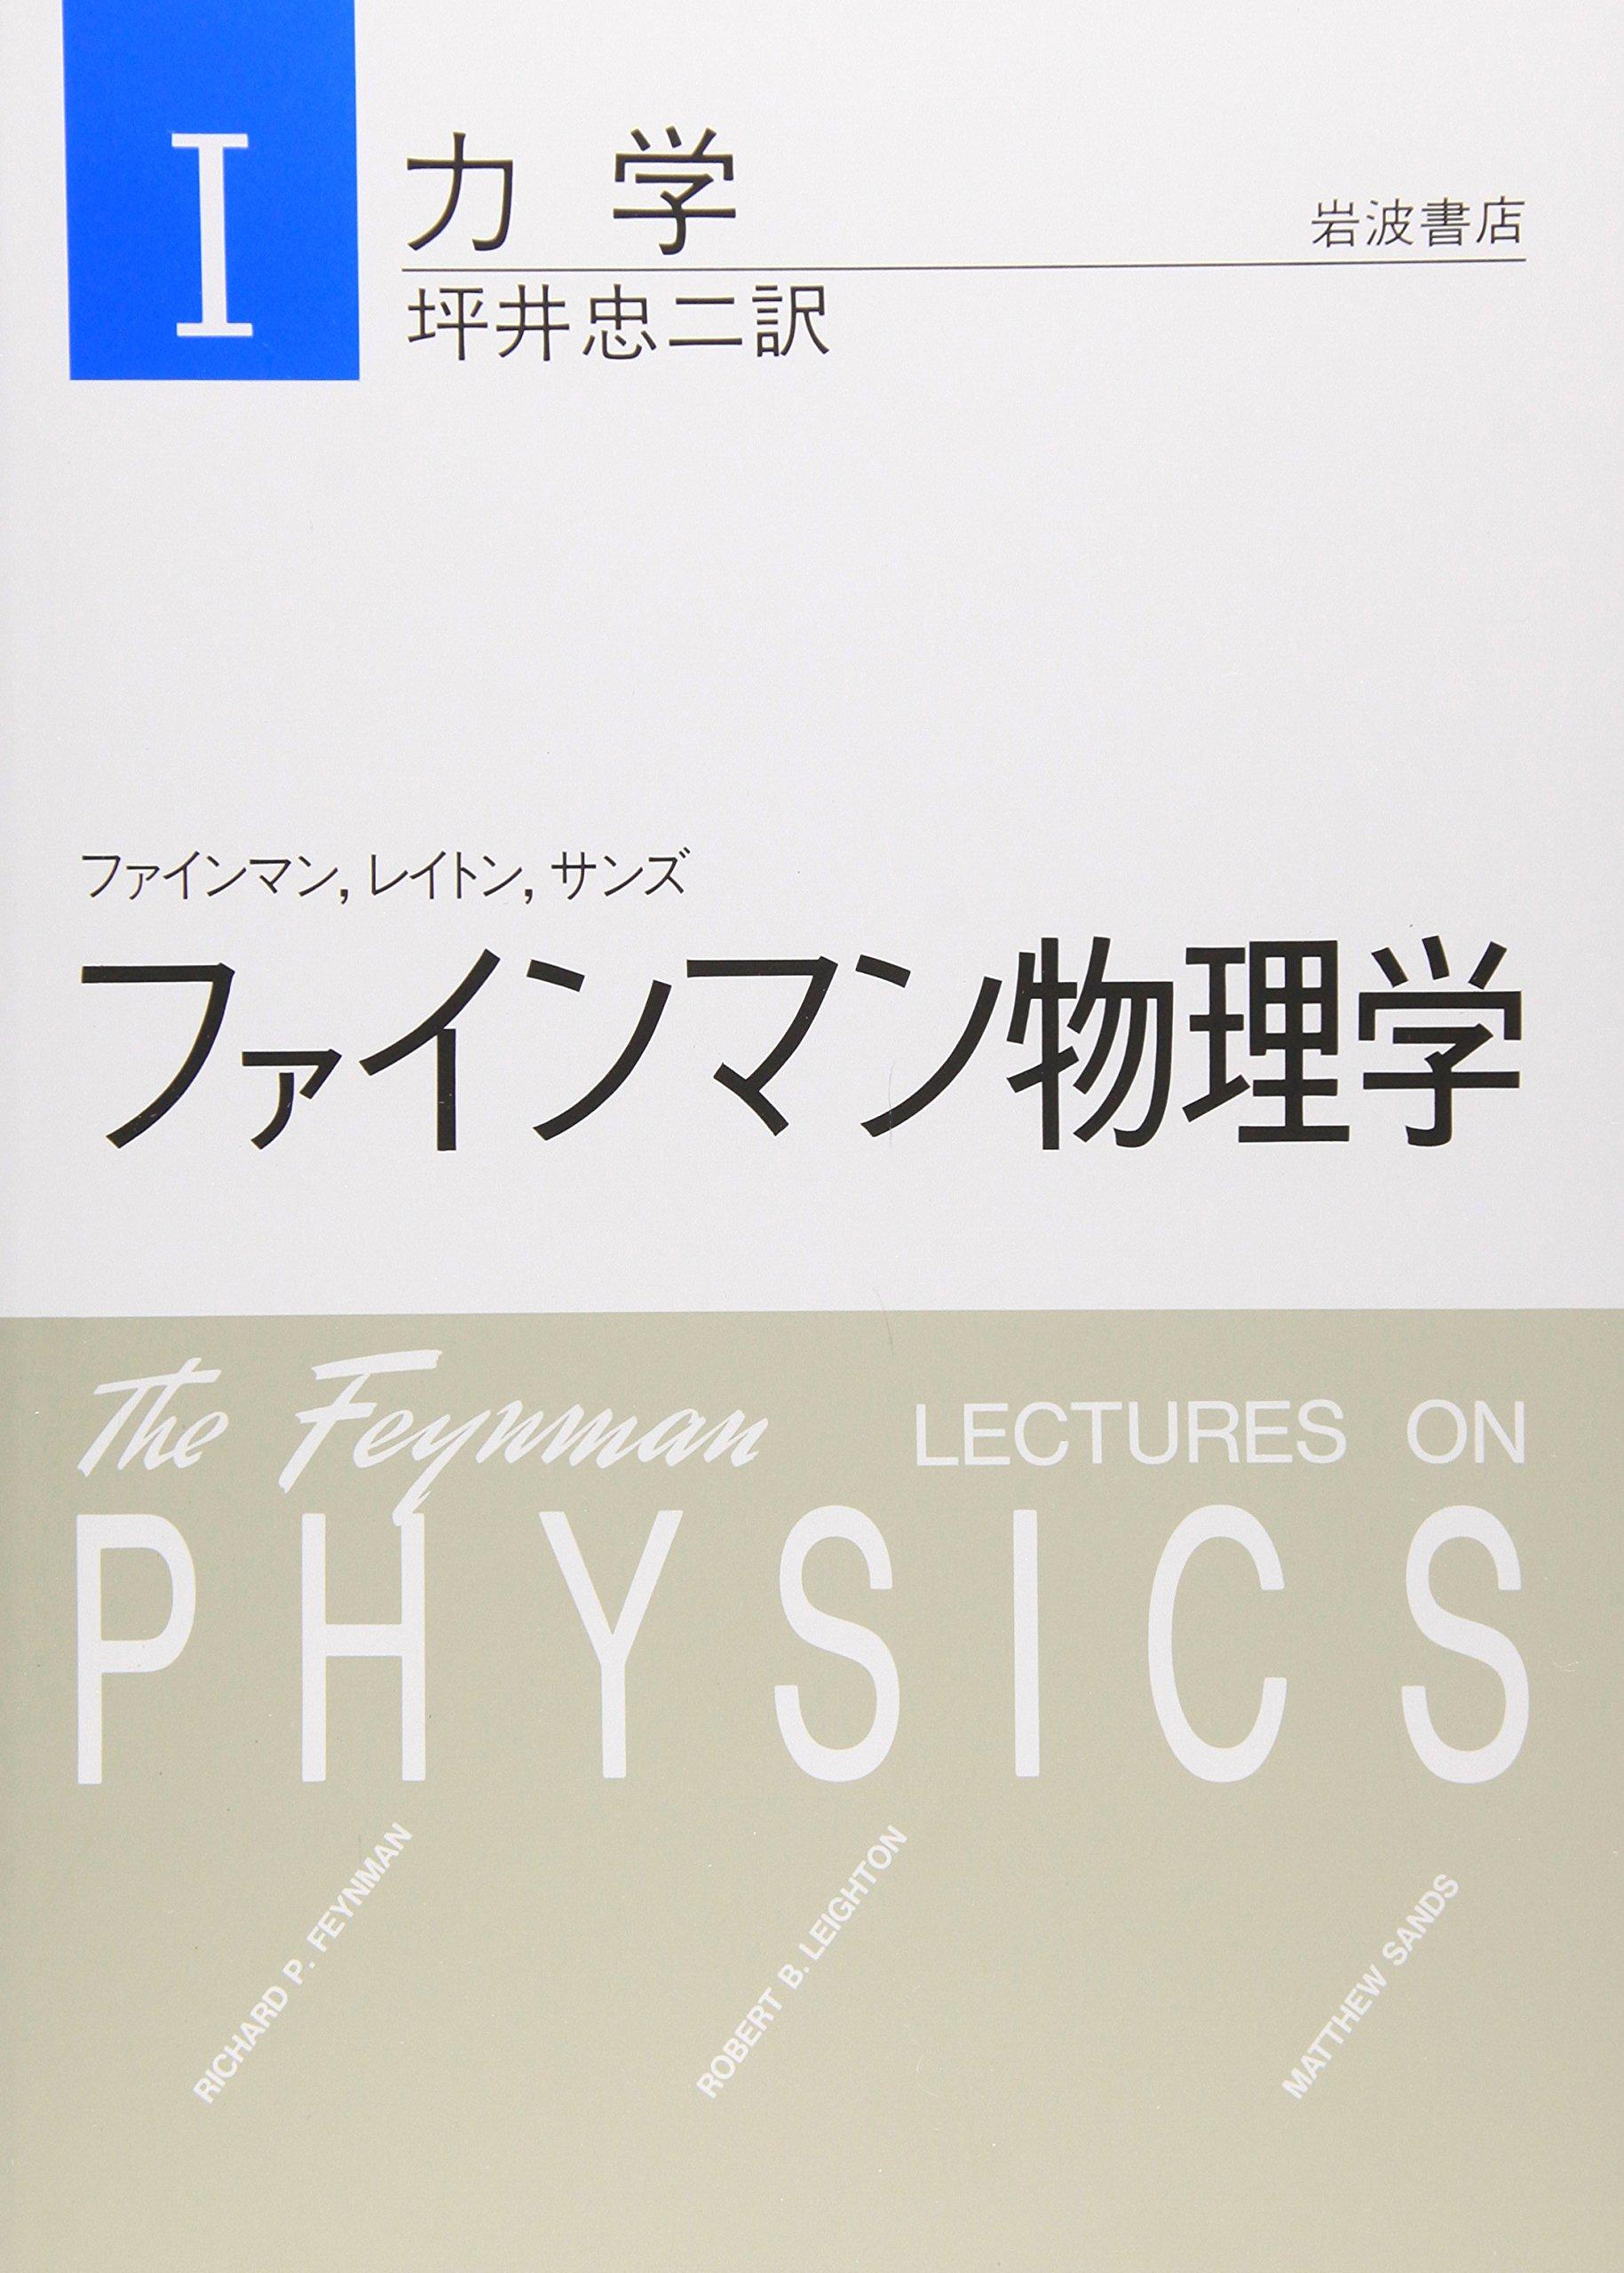 ファインマン物理学〈1〉力学   ...